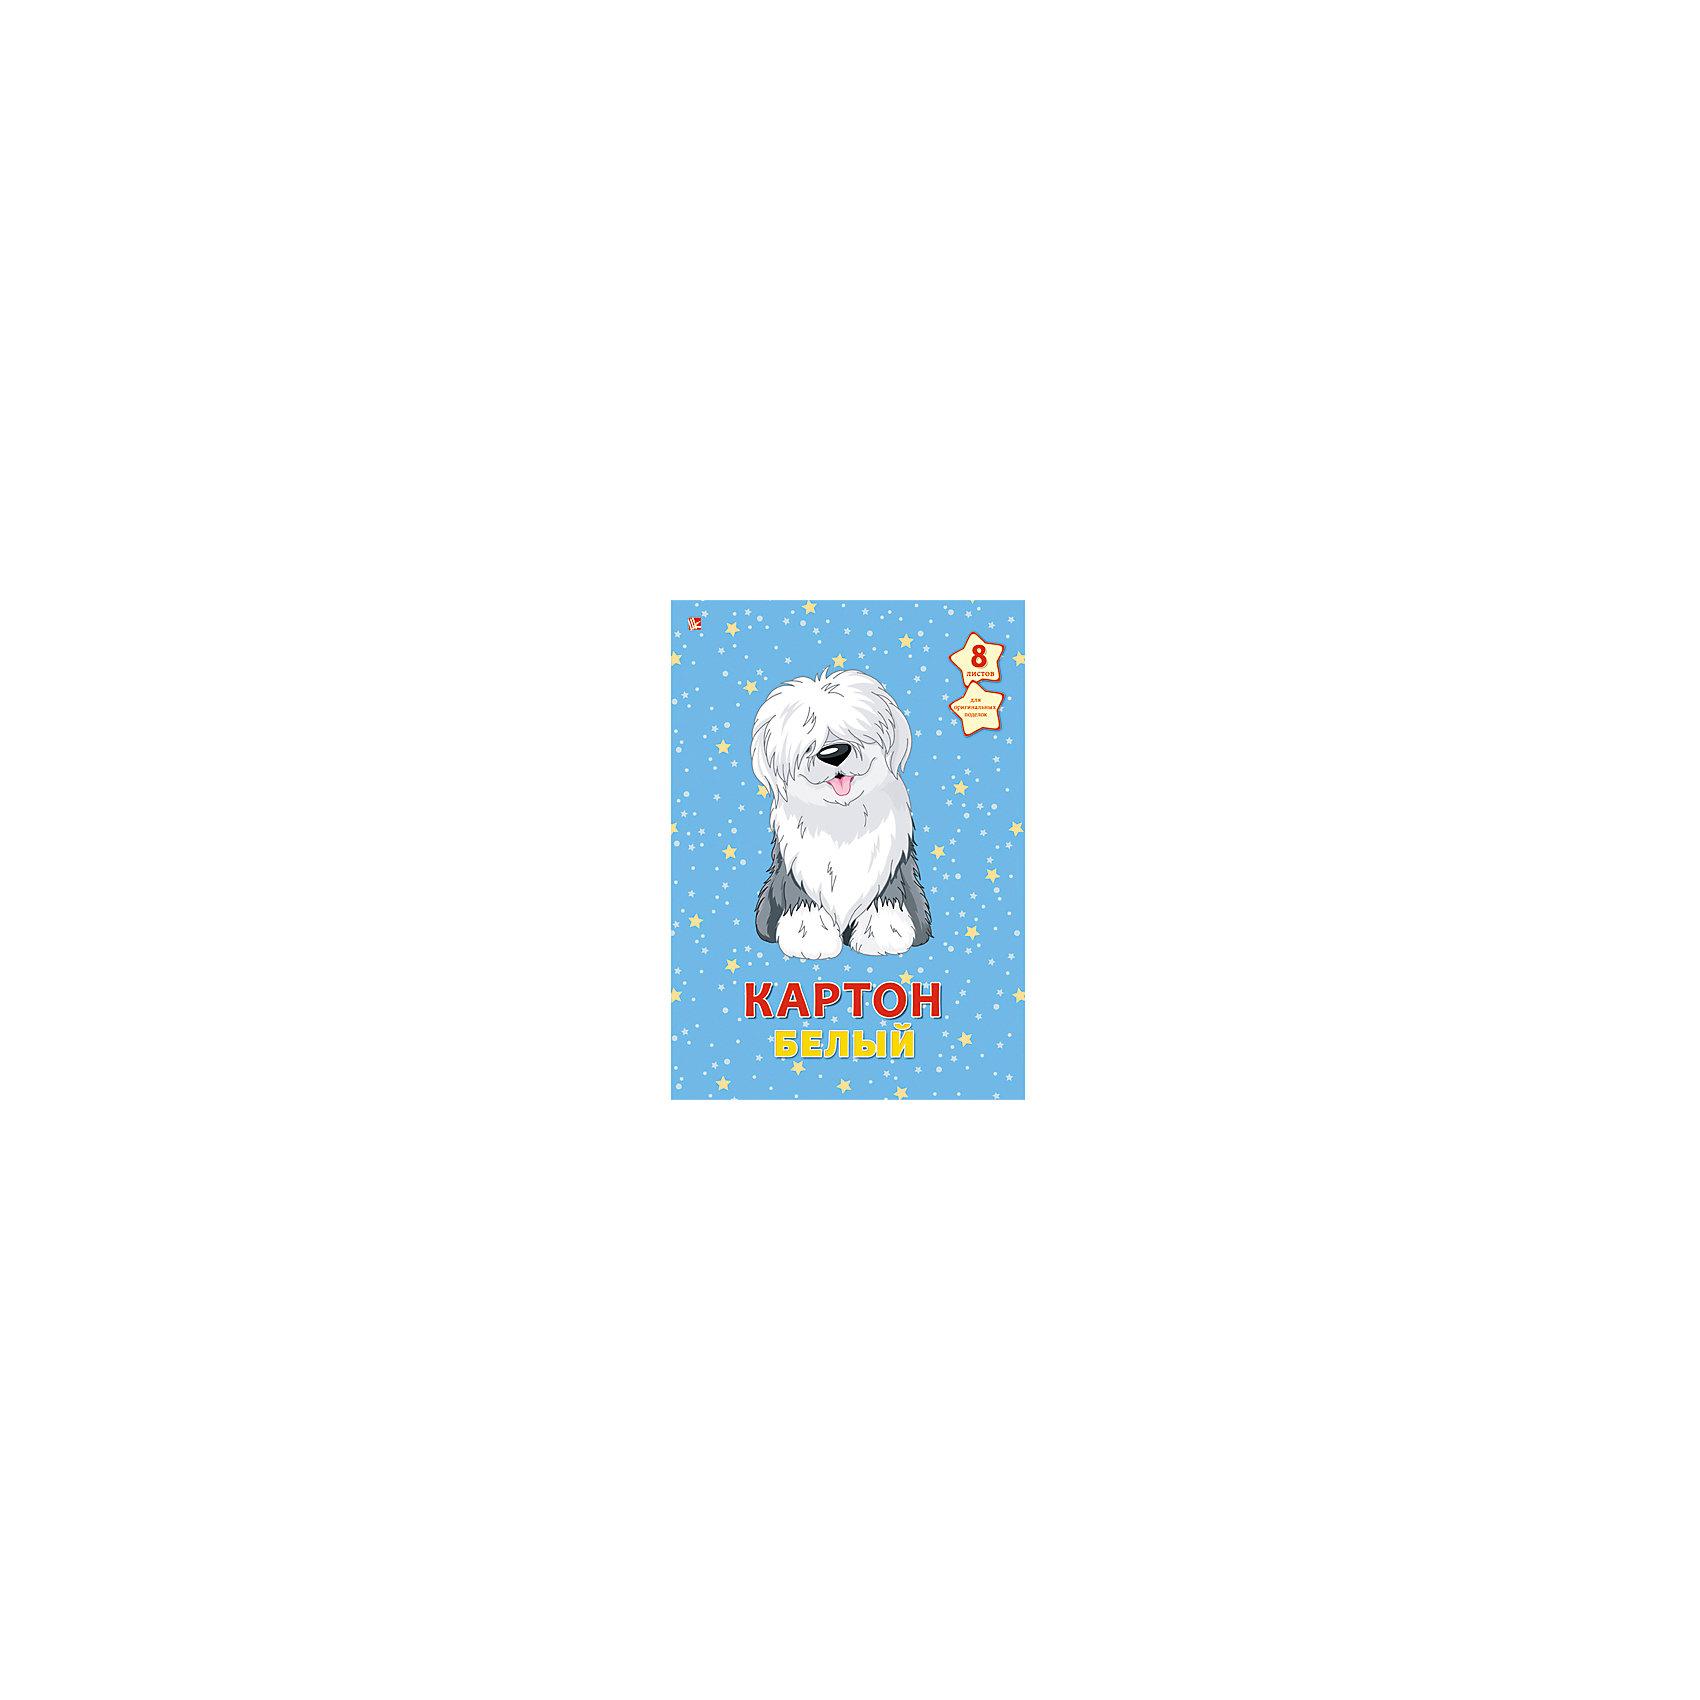 Белый картон Пушистый щенок,  А4, 8лПушистый щенок - папка с качественным картоном белого цвета. Красочная обложка с очаровательным щенком привлечет внимание и поможет создать самые интересные поделки.<br><br>Дополнительная информация:<br>Обложка: картон<br>Количество листов: 8<br>Формат: А4<br>Белый картон Пушистый щенок можно купить в нашем интернет-магазине.<br><br>Ширина мм: 280<br>Глубина мм: 200<br>Высота мм: 6<br>Вес г: 240<br>Возраст от месяцев: 72<br>Возраст до месяцев: 2147483647<br>Пол: Унисекс<br>Возраст: Детский<br>SKU: 4942466